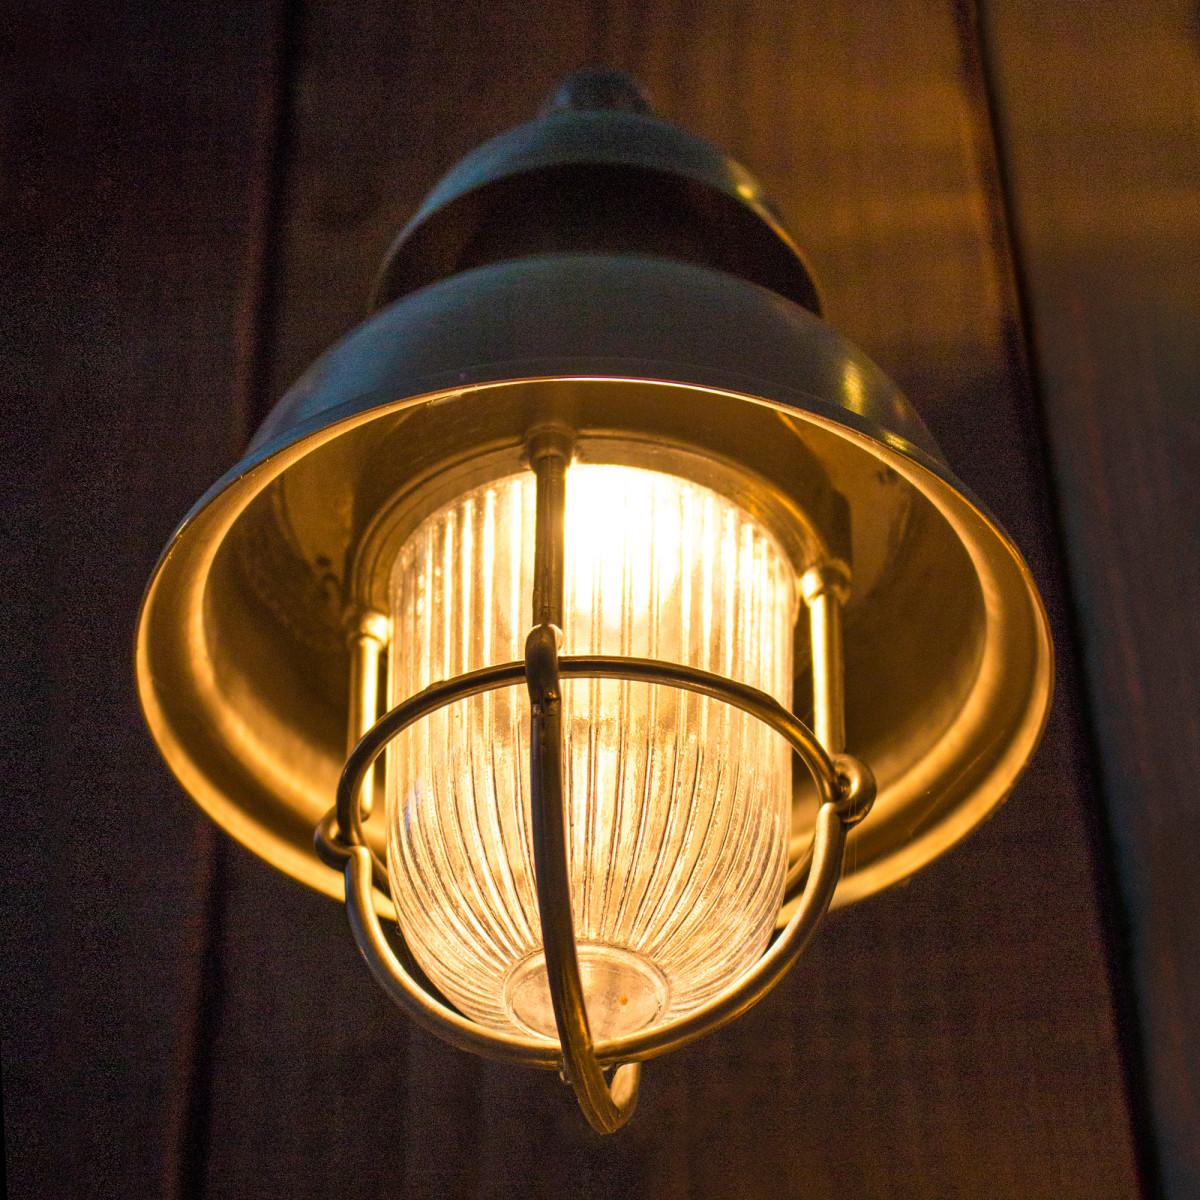 Scheepslamp antiek Wharf